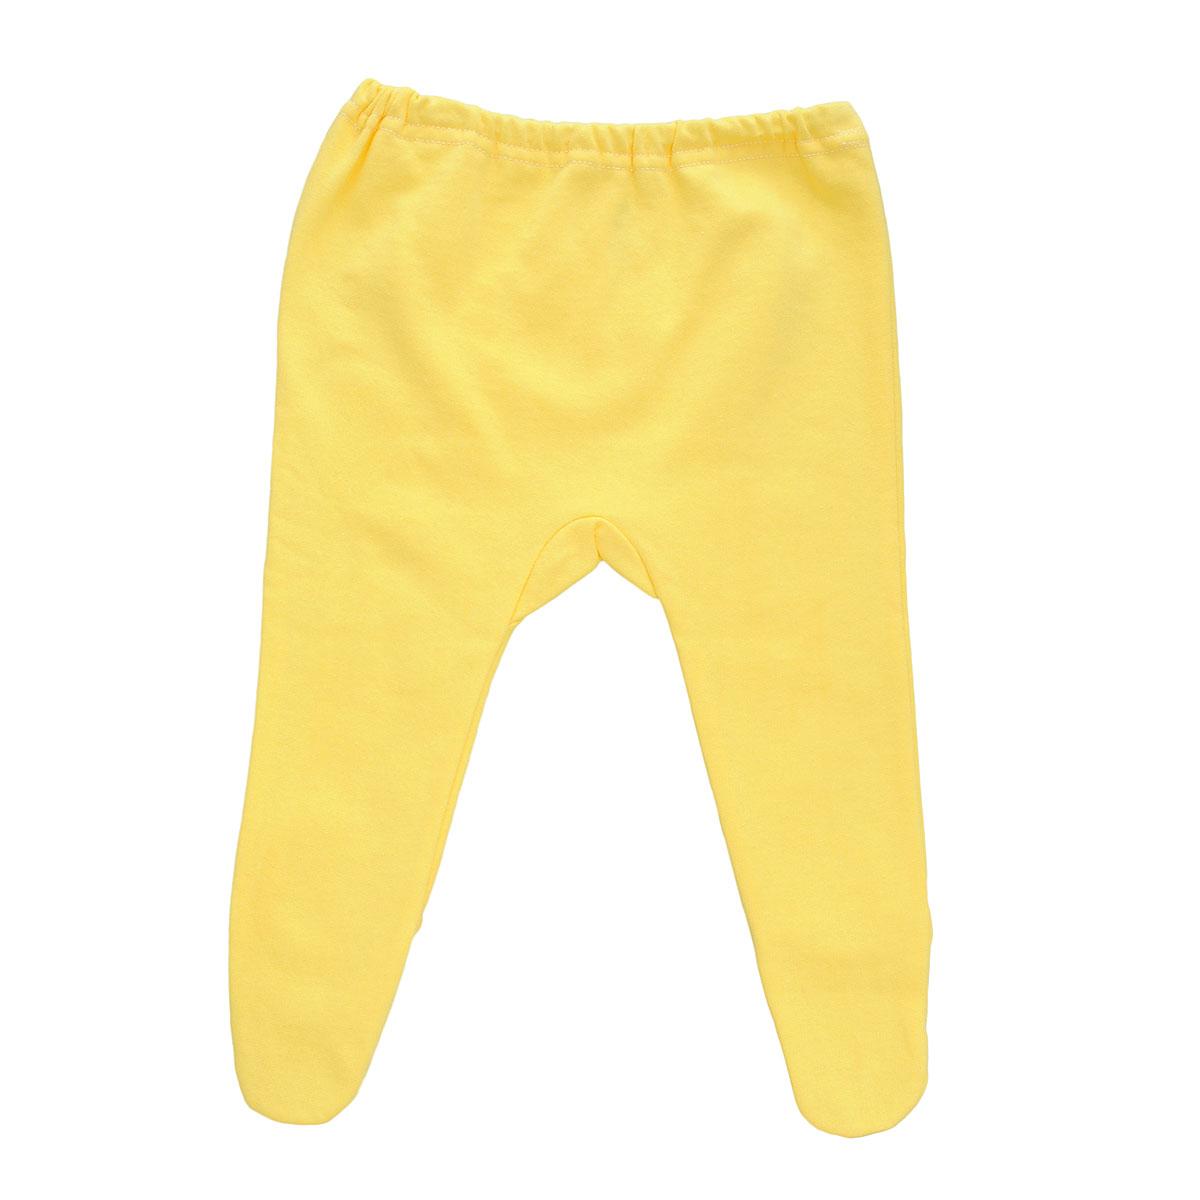 Ползунки Трон-Плюс, цвет: желтый. 5256. Размер 56, 1 месяц5256Ползунки для новорожденного Трон-Плюс послужат идеальным дополнением к гардеробу вашего ребенка, обеспечивая ему наибольший комфорт.Модель, изготовленная из футерованного полотна - натурального хлопка, необычайно мягкая и легкая, не раздражает нежную кожу ребенка и хорошо вентилируется, а эластичные швы приятны телу малыша и не препятствуют его движениям. Теплые ползунки с закрытыми ножками благодаря мягкому эластичному поясу не сдавливают животик младенца и не сползают, идеально подходят для ношения с подгузником. Они полностью соответствуют особенностям жизни ребенка в ранний период, не стесняя и не ограничивая его в движениях.